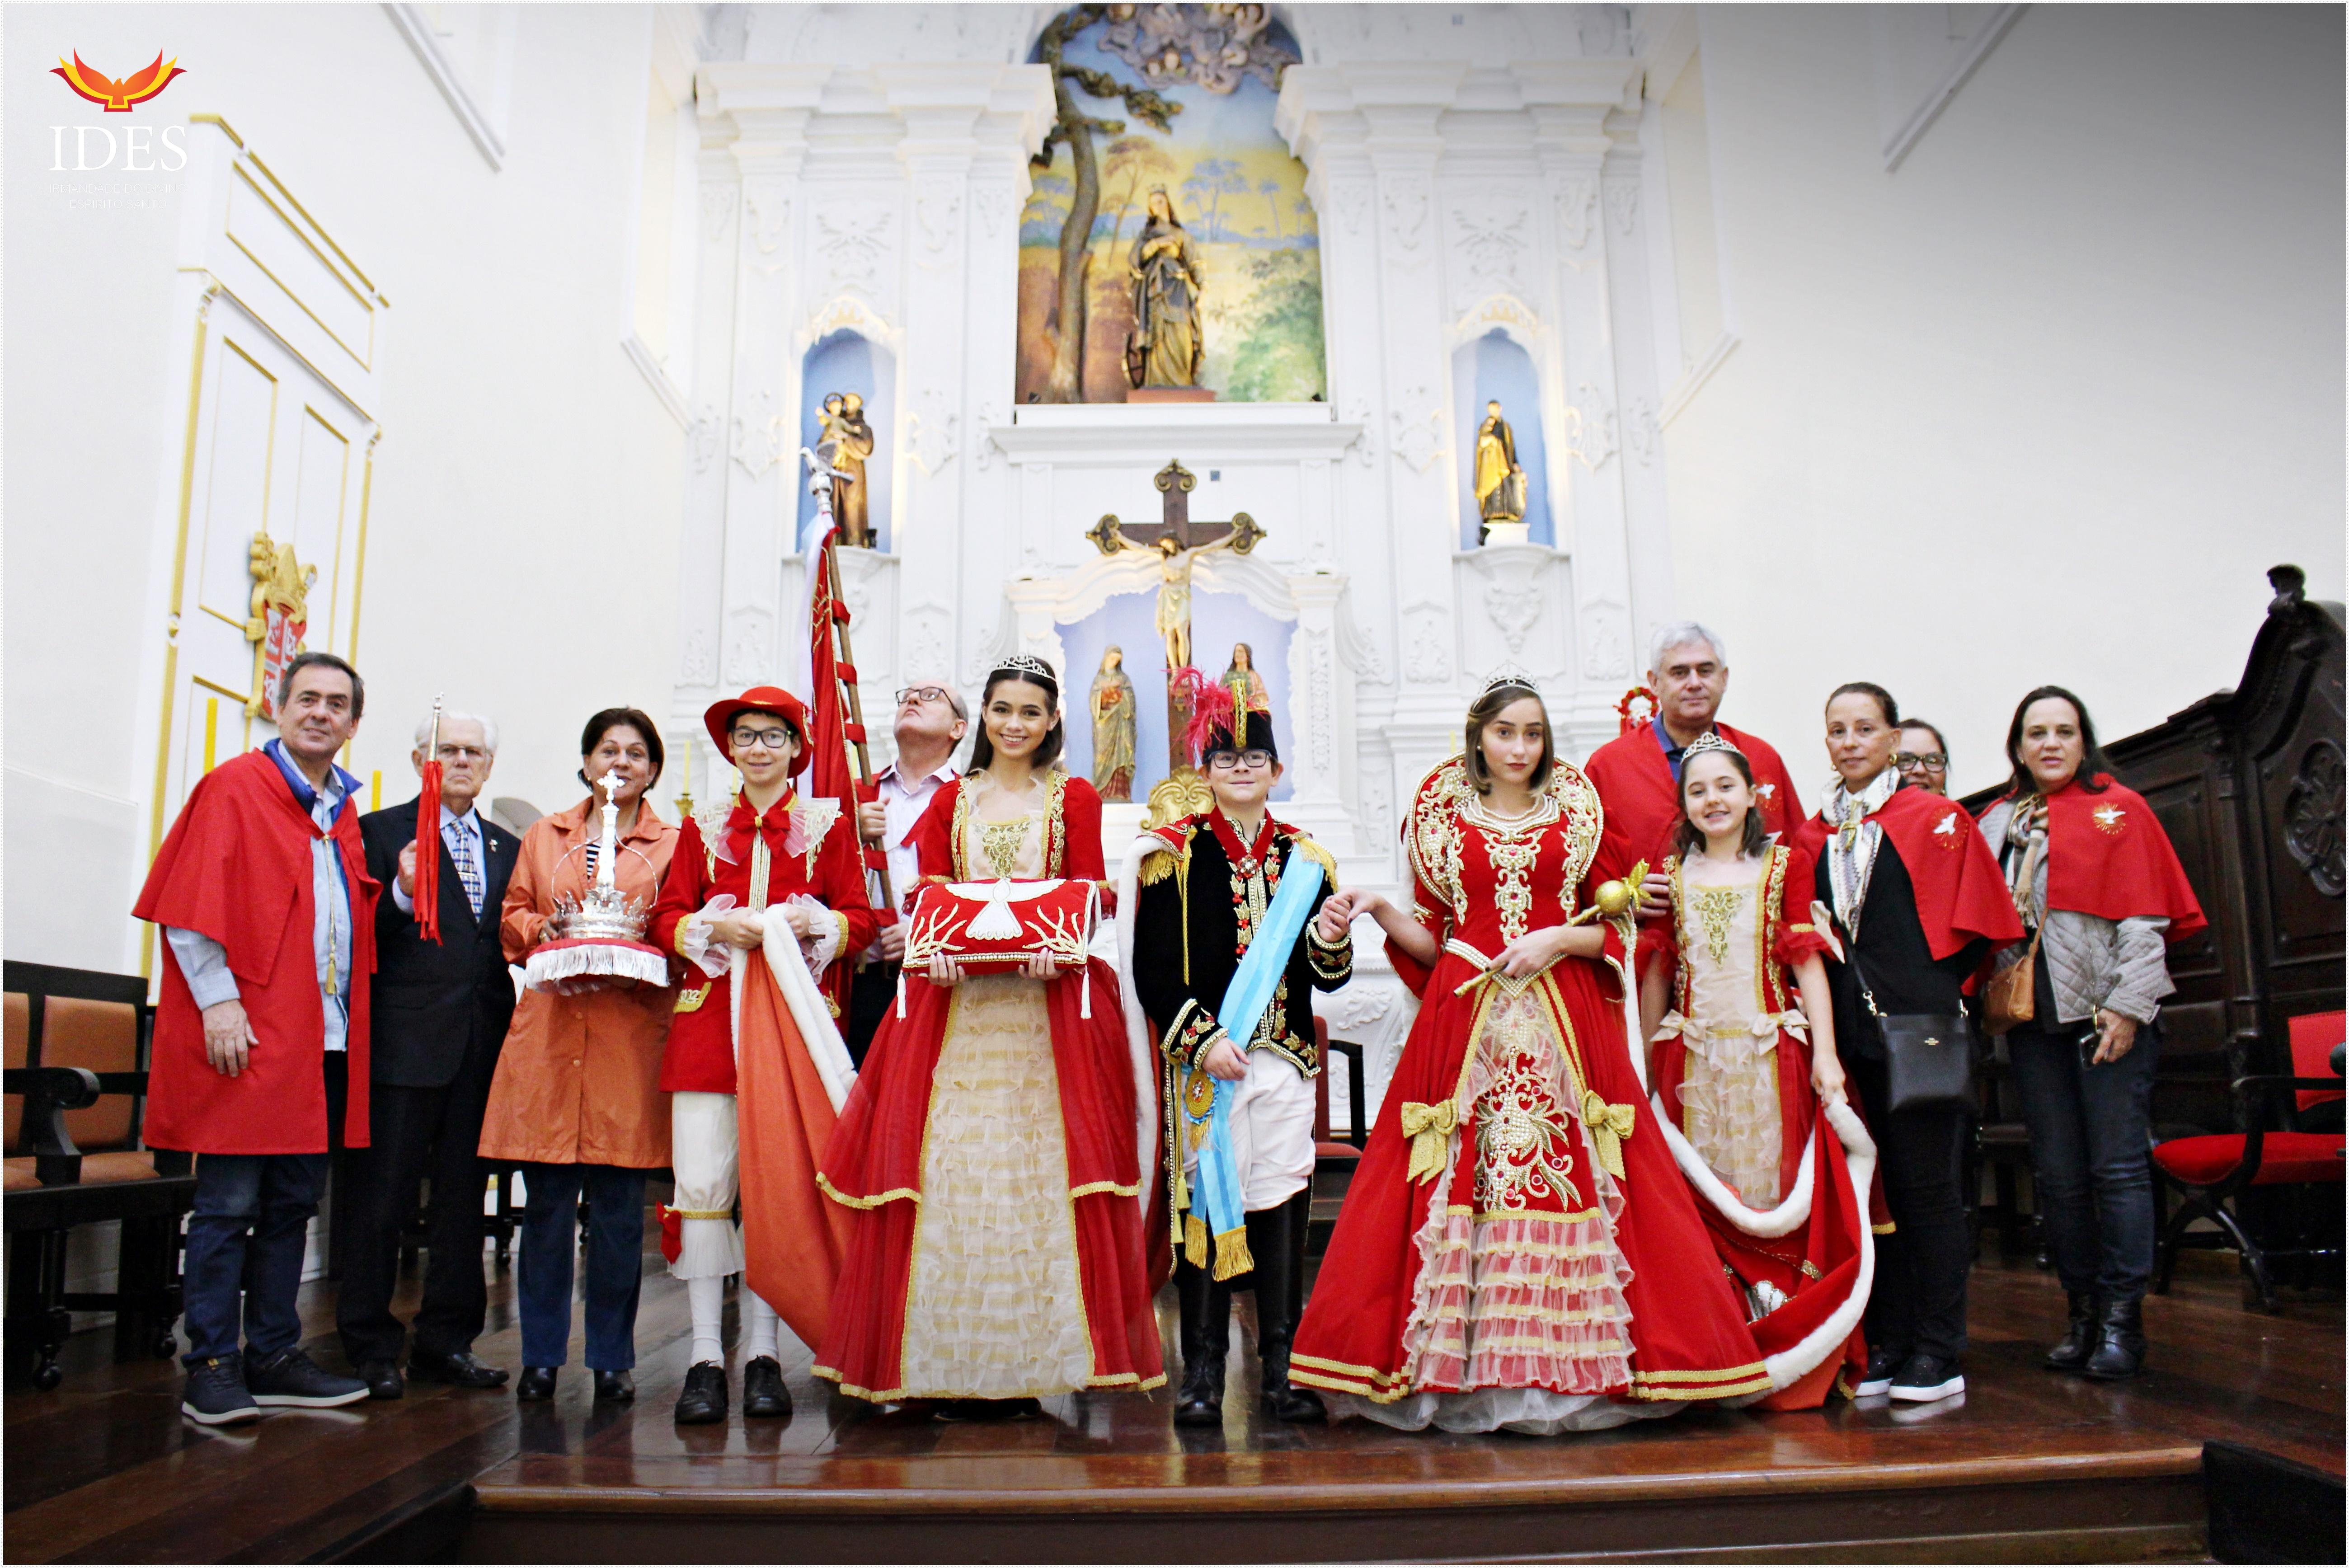 Divina Festa 2019 - IDES